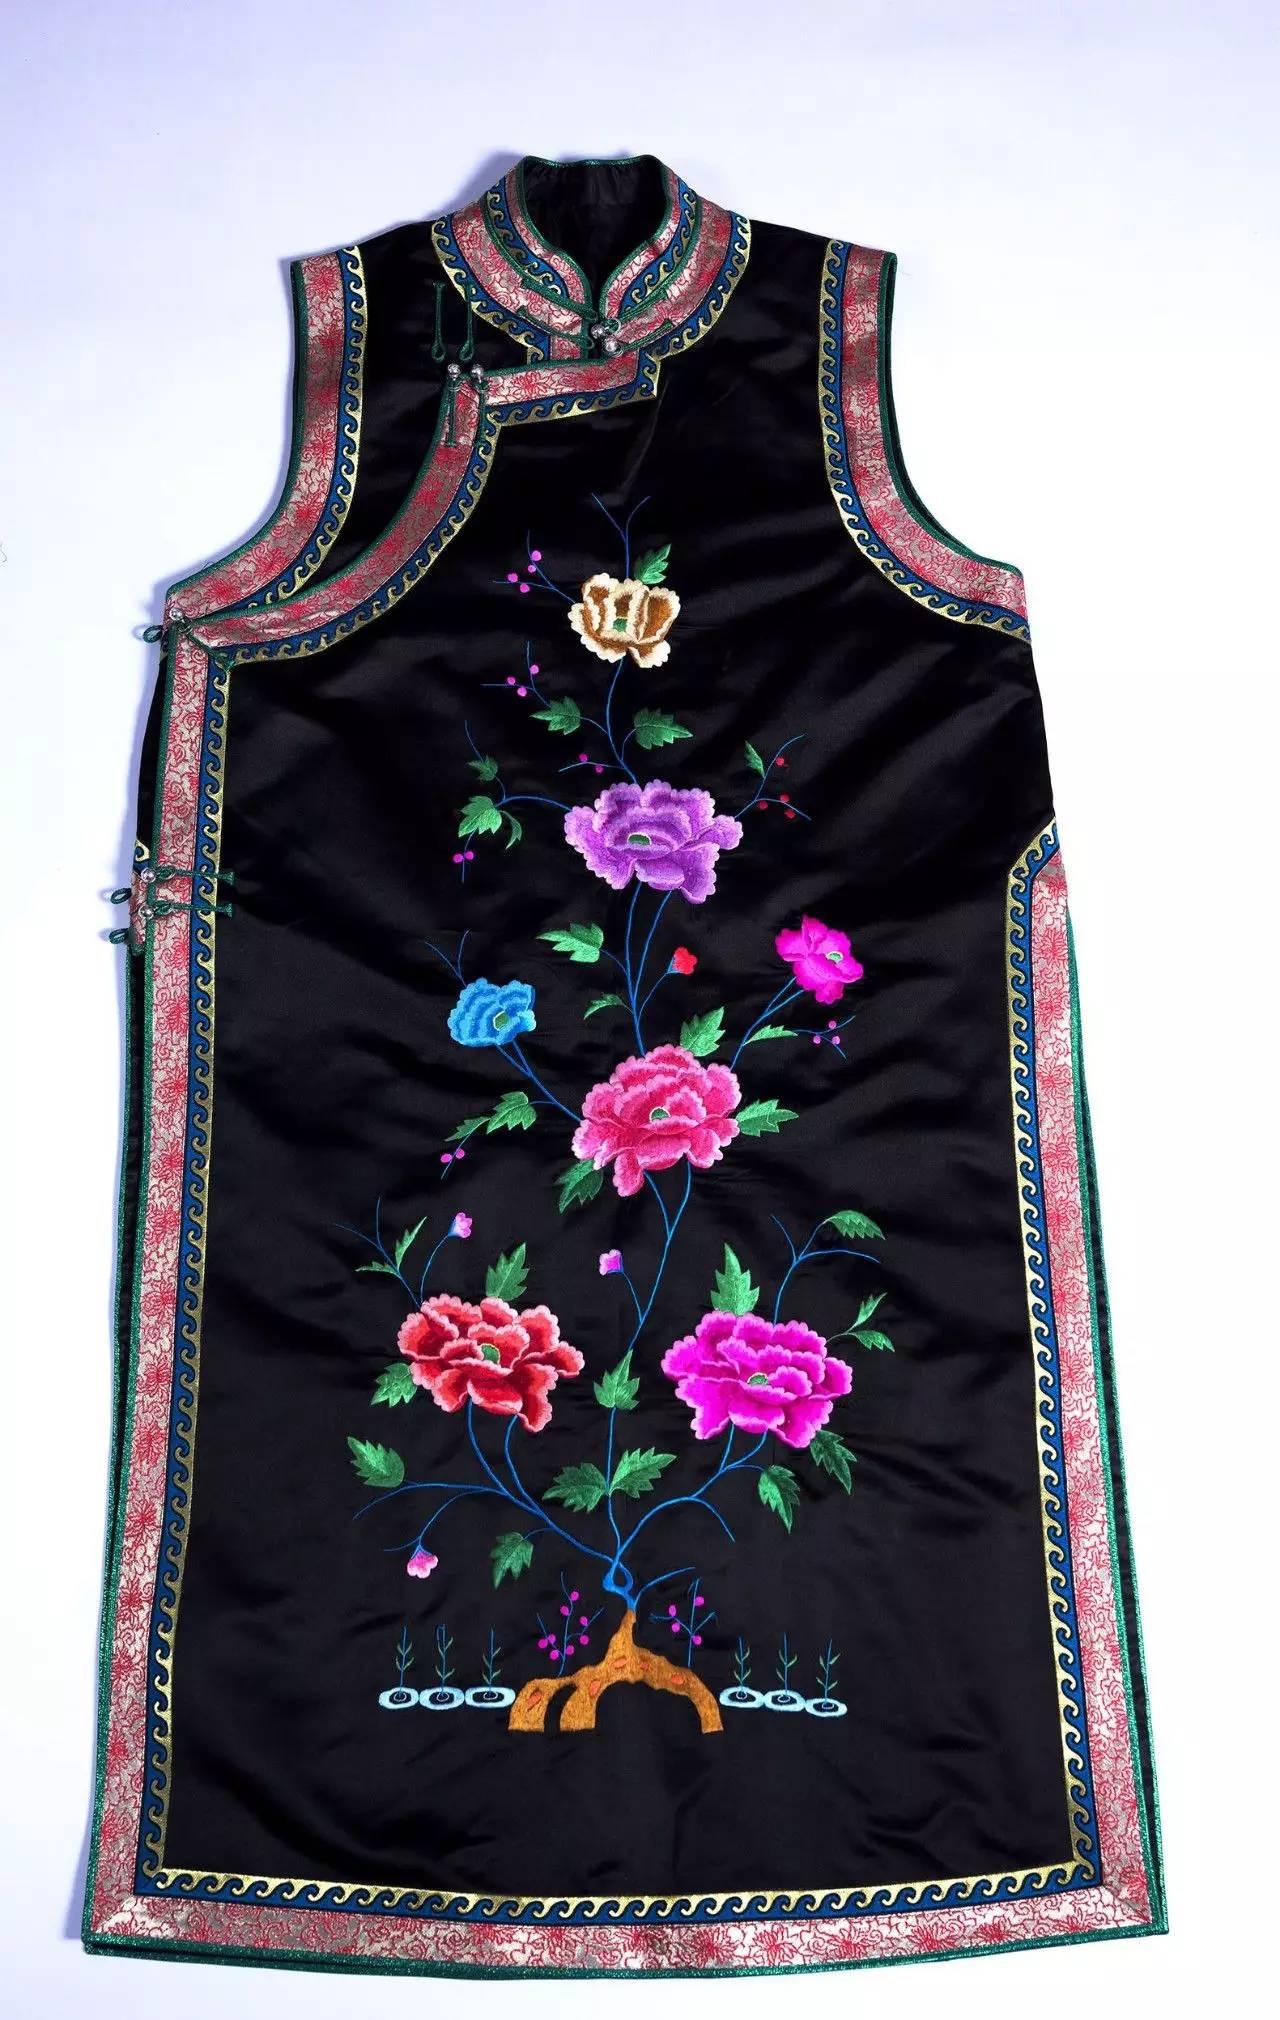 蒙古族刺绣非遗传承人——萨义玛 第10张 蒙古族刺绣非遗传承人——萨义玛 蒙古工艺